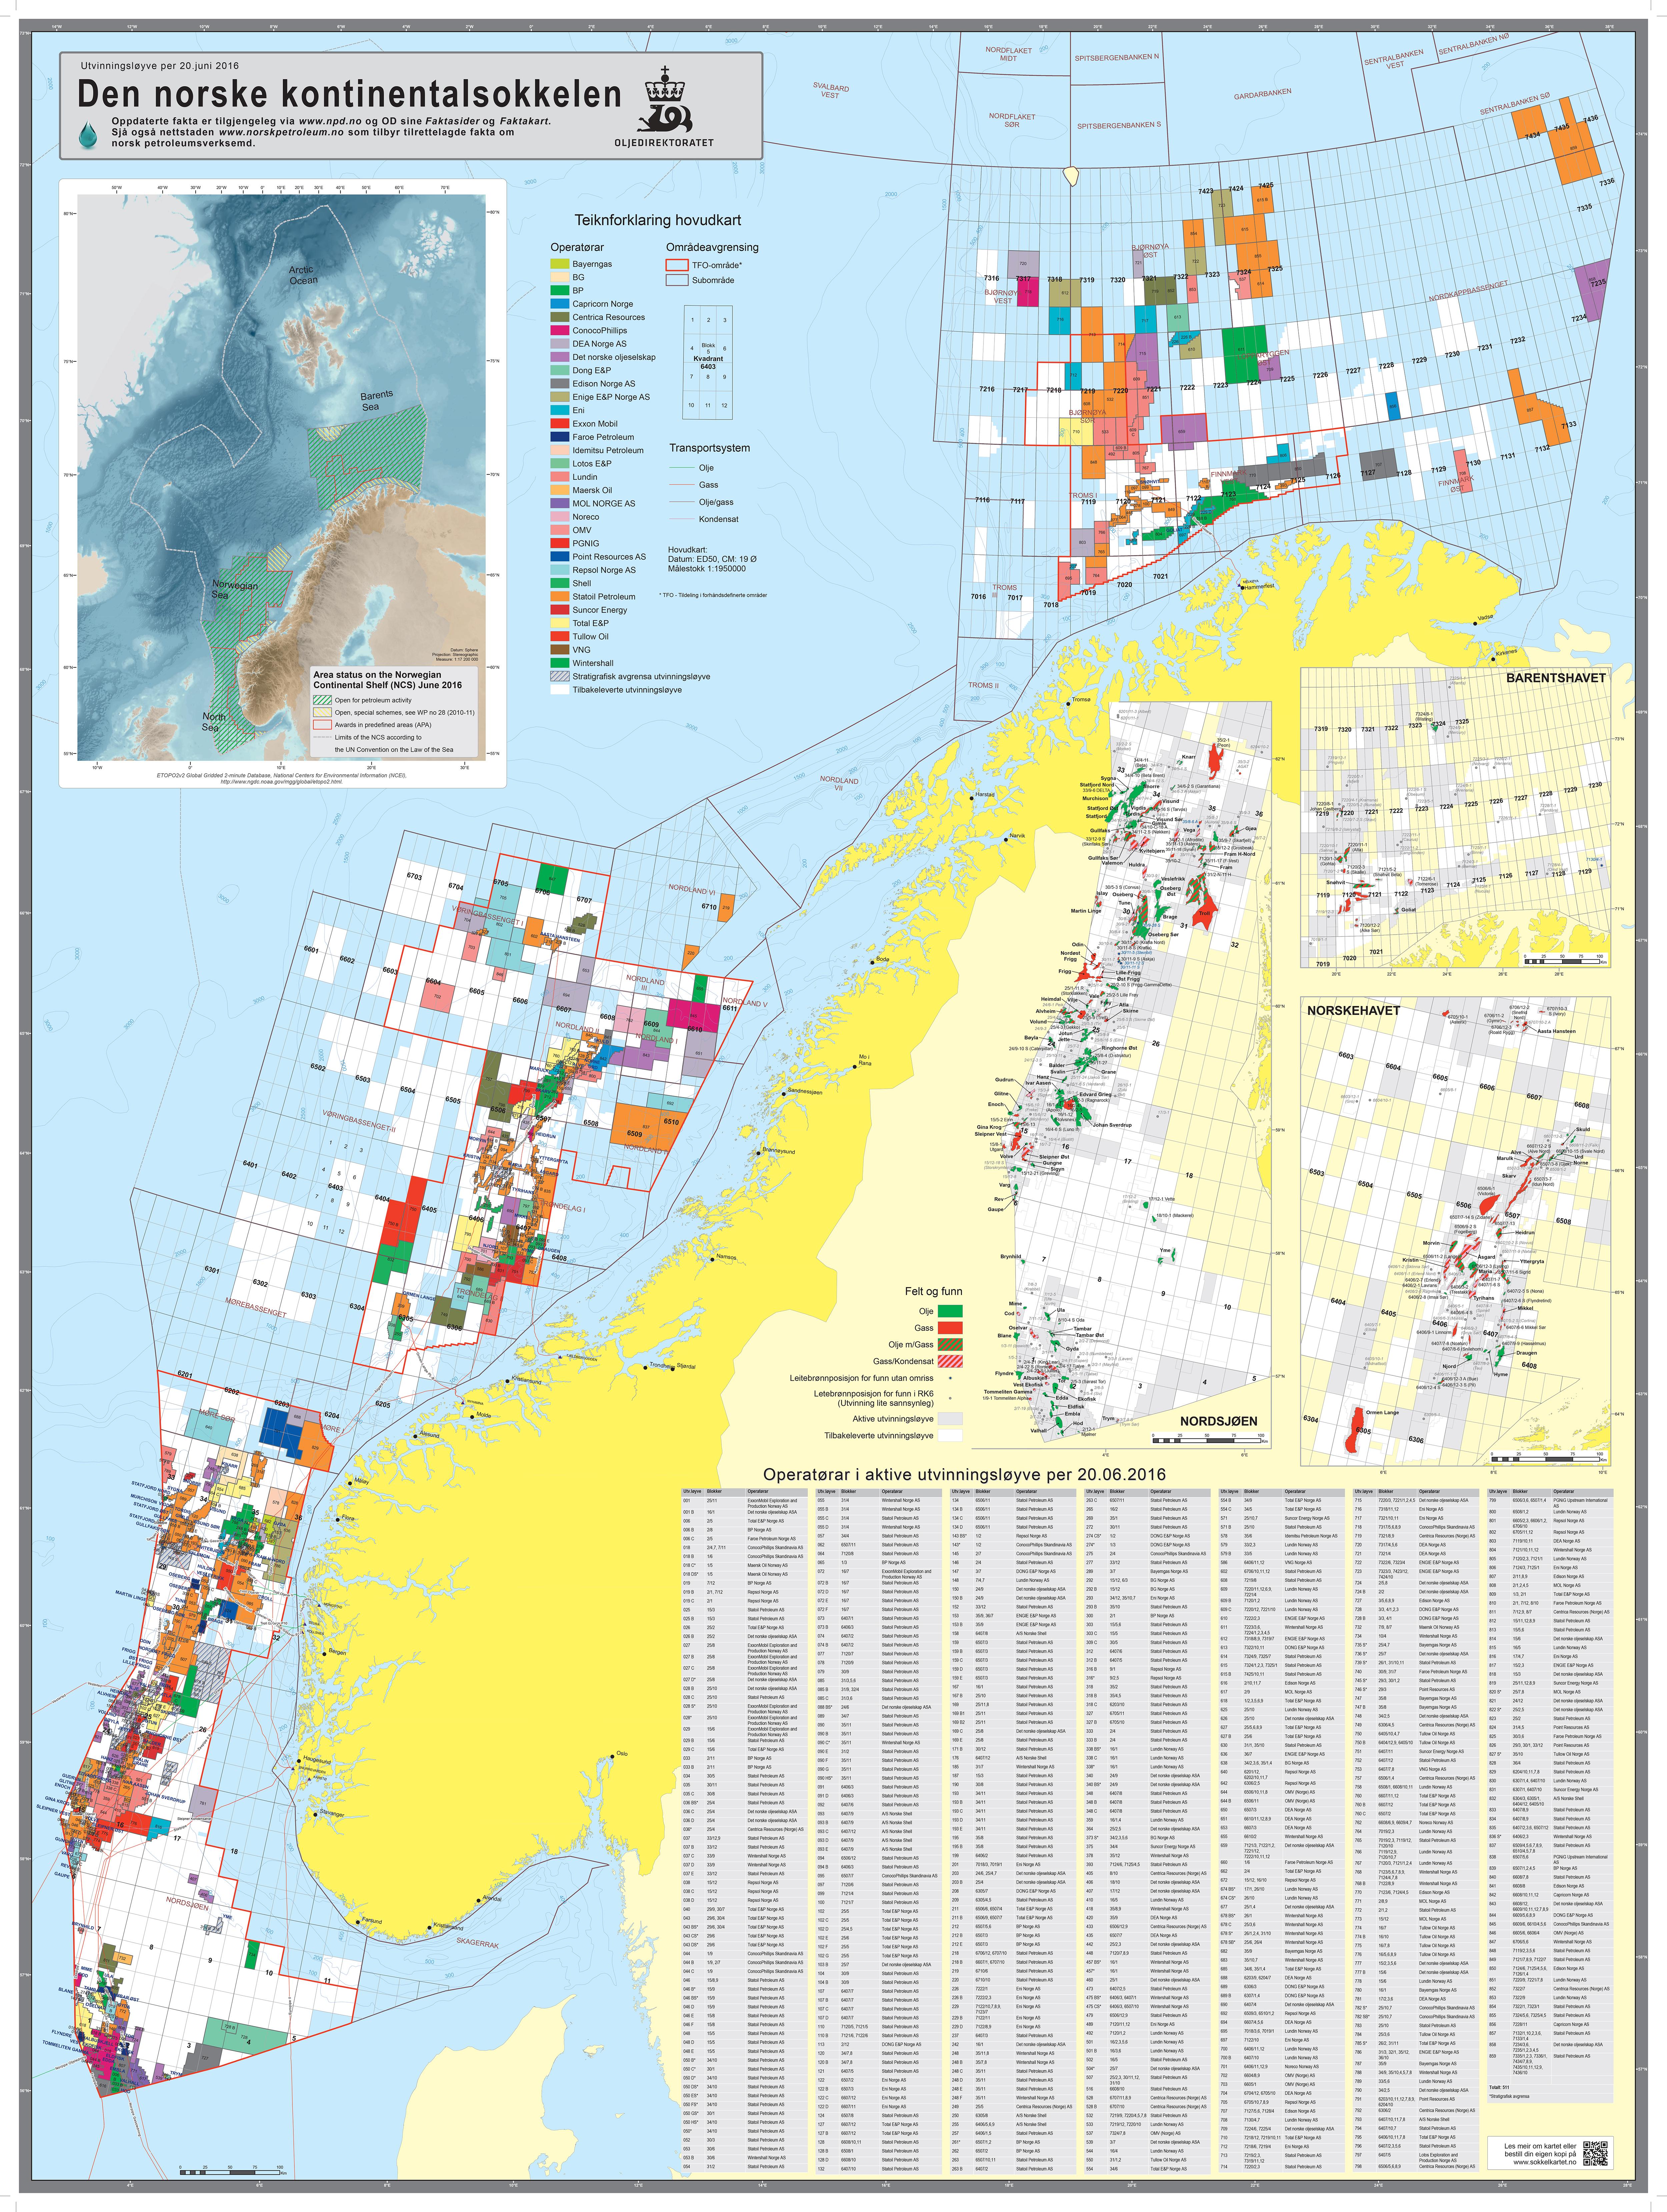 kart over plattformer på norsk sokkel Fil:Kontinentalsokkelkart 2016. – Wikipedia kart over plattformer på norsk sokkel